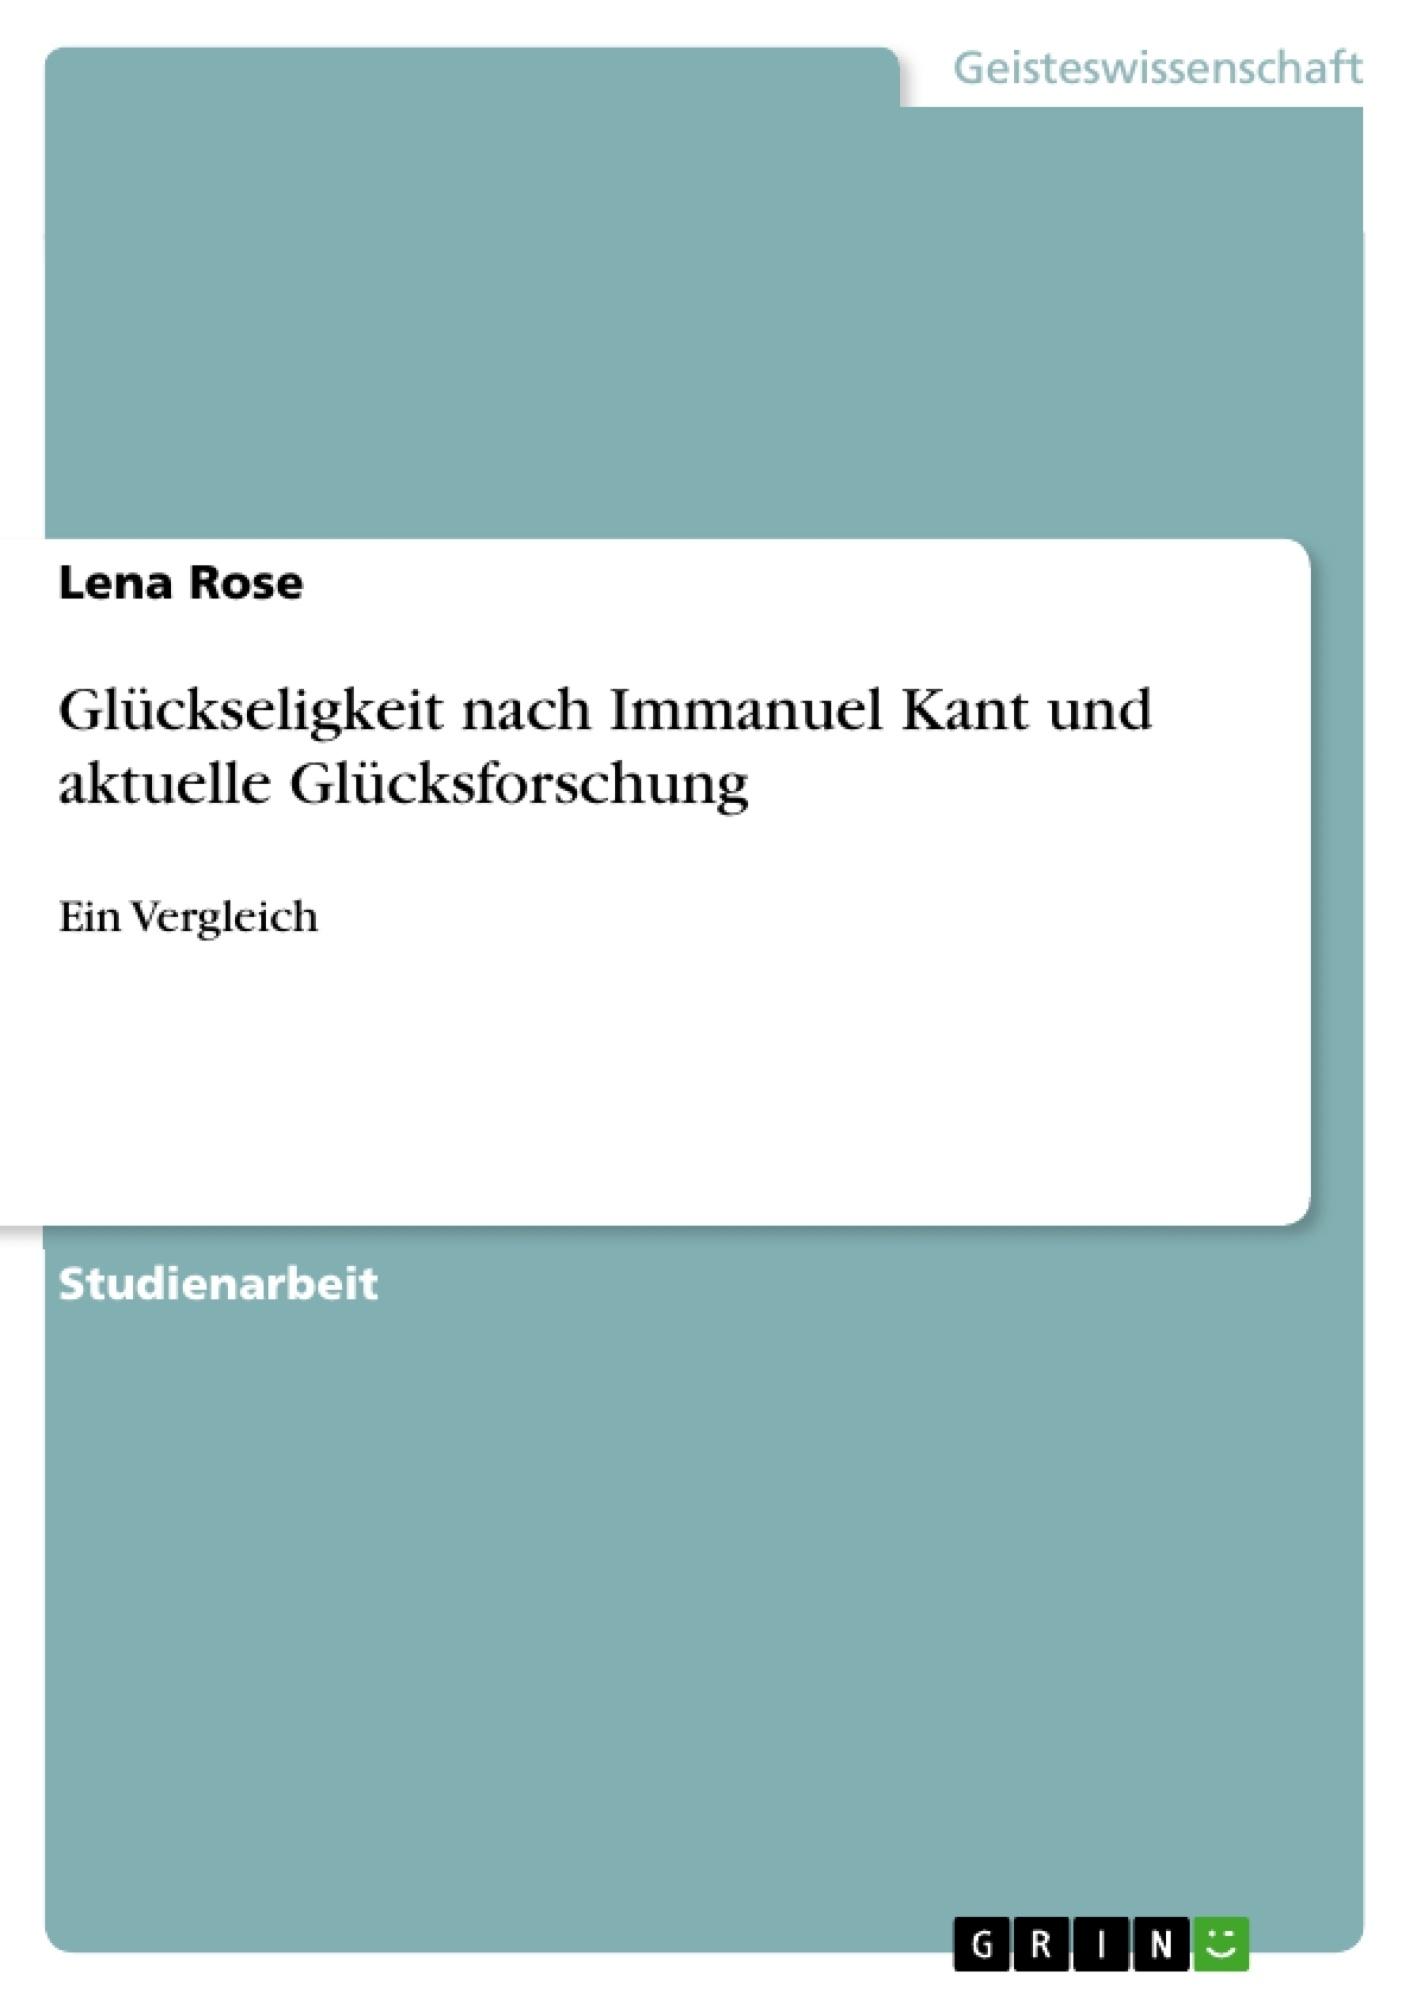 Titel: Glückseligkeit nach Immanuel Kant und aktuelle Glücksforschung